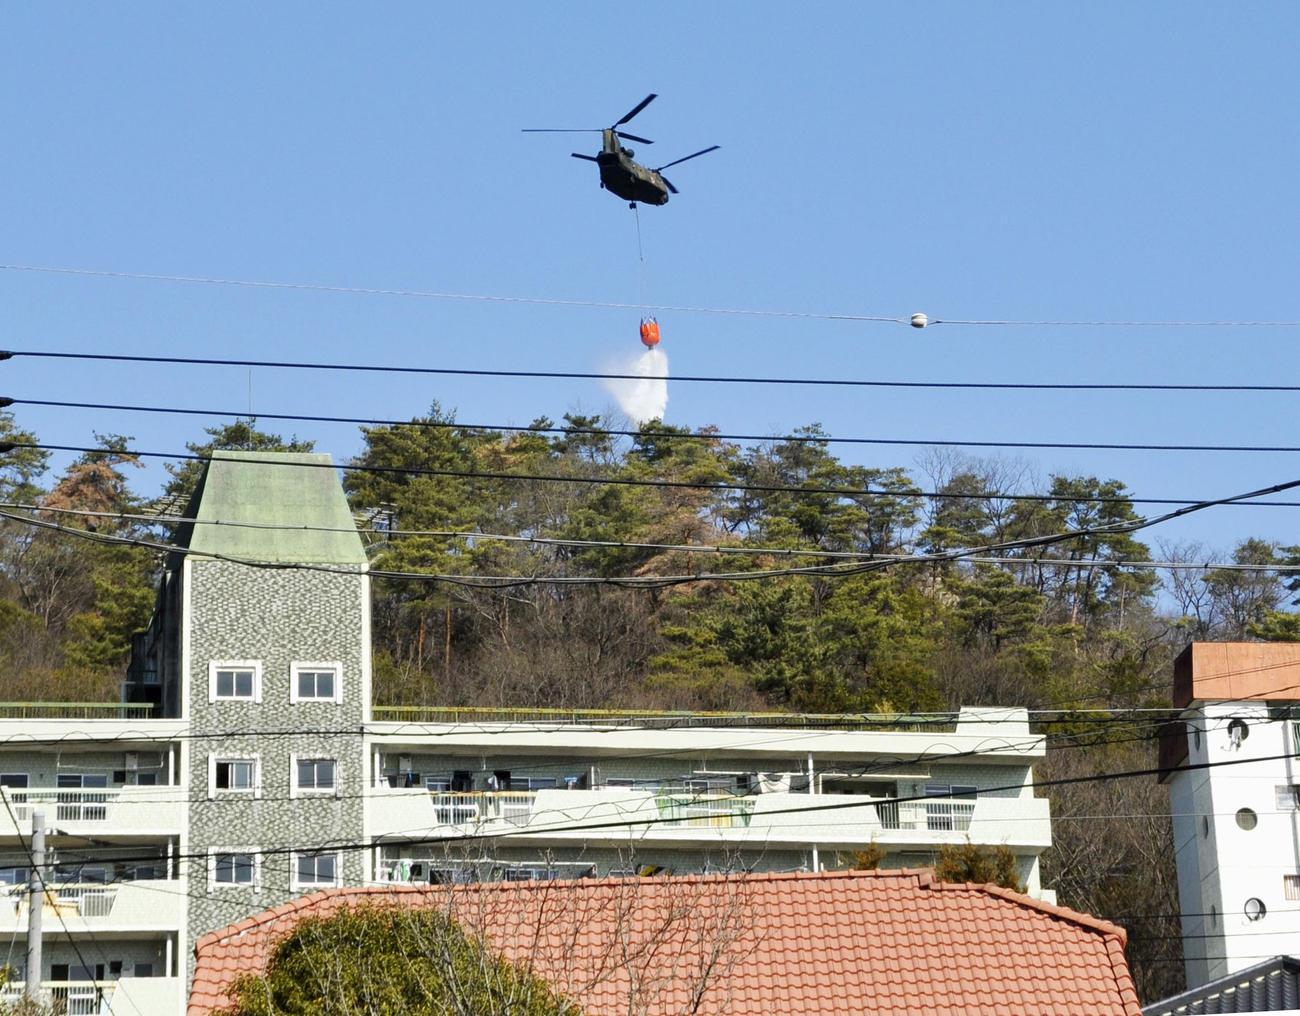 栃木県足利市の山林火災現場で消火活動に当たるヘリコプター(共同)